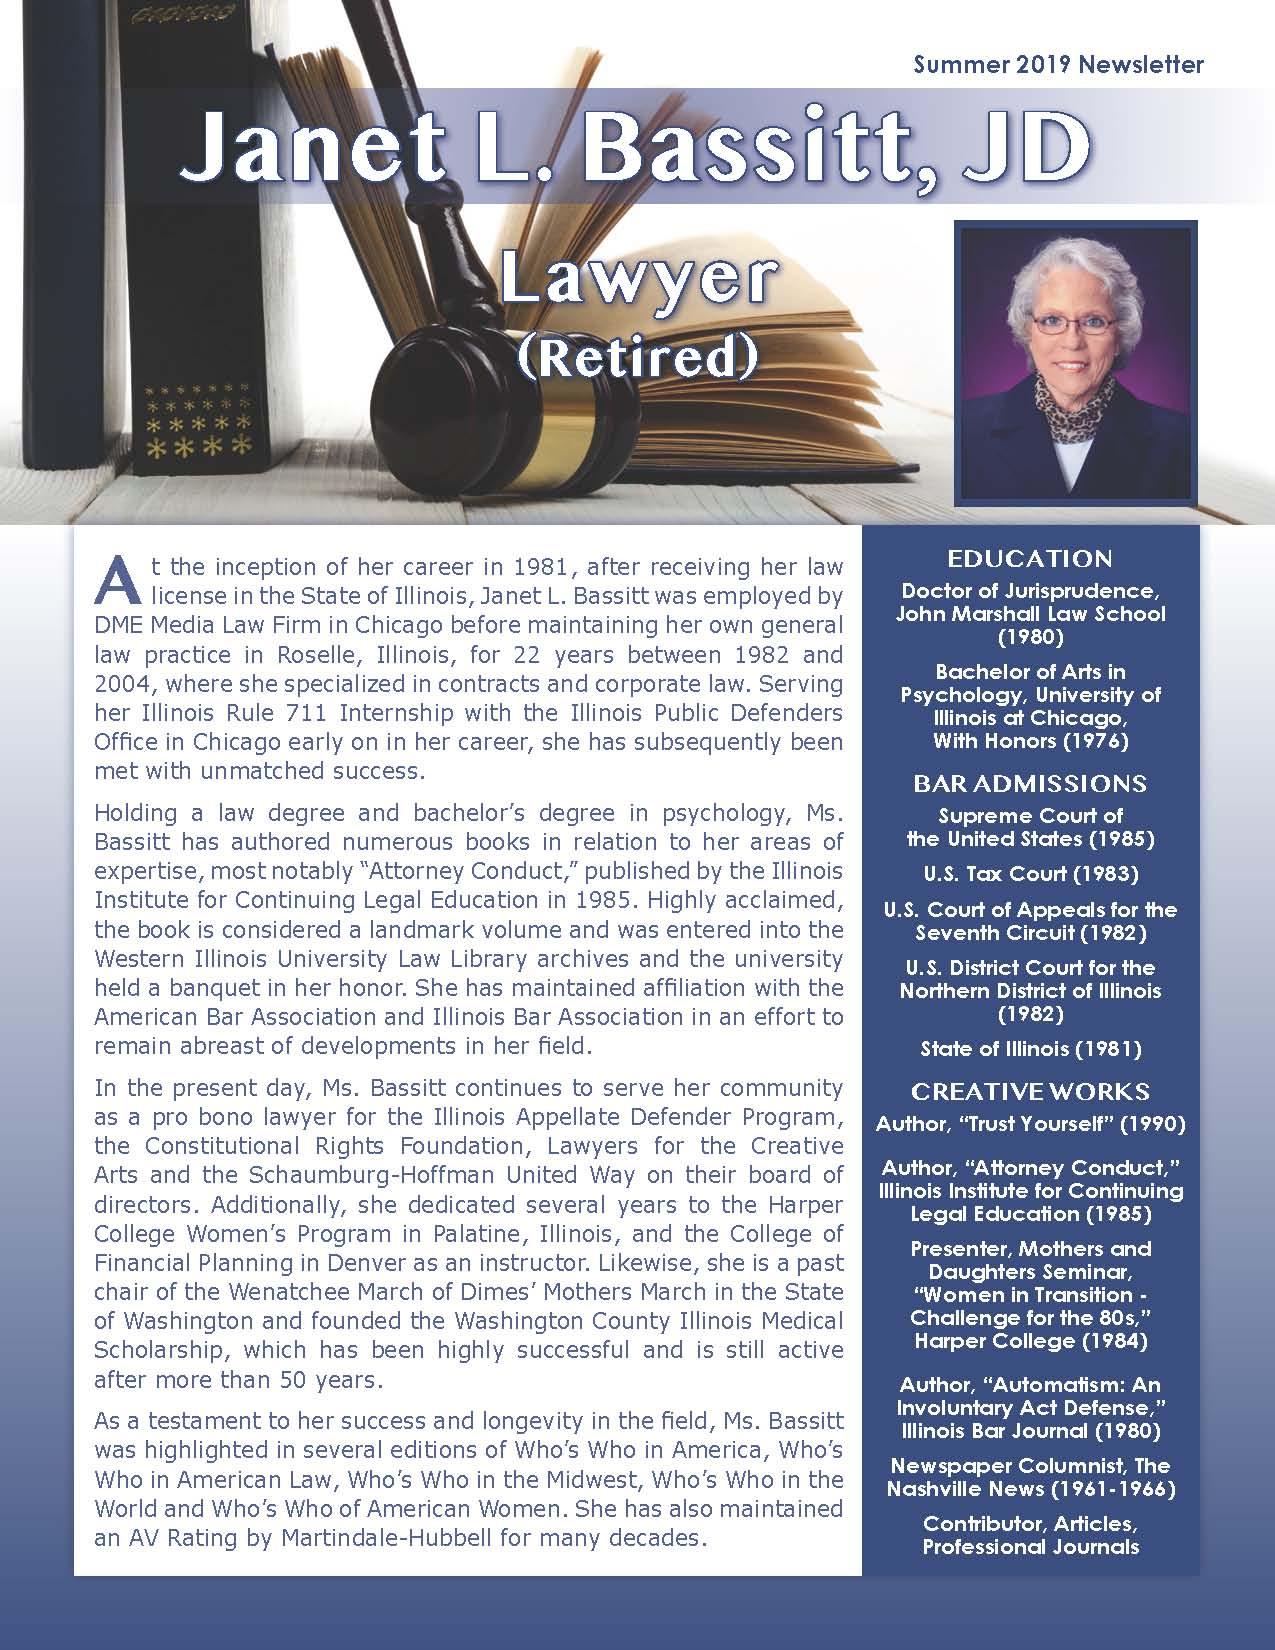 Bassitt, Janet 3899462_3870500 Newsletter.jpg